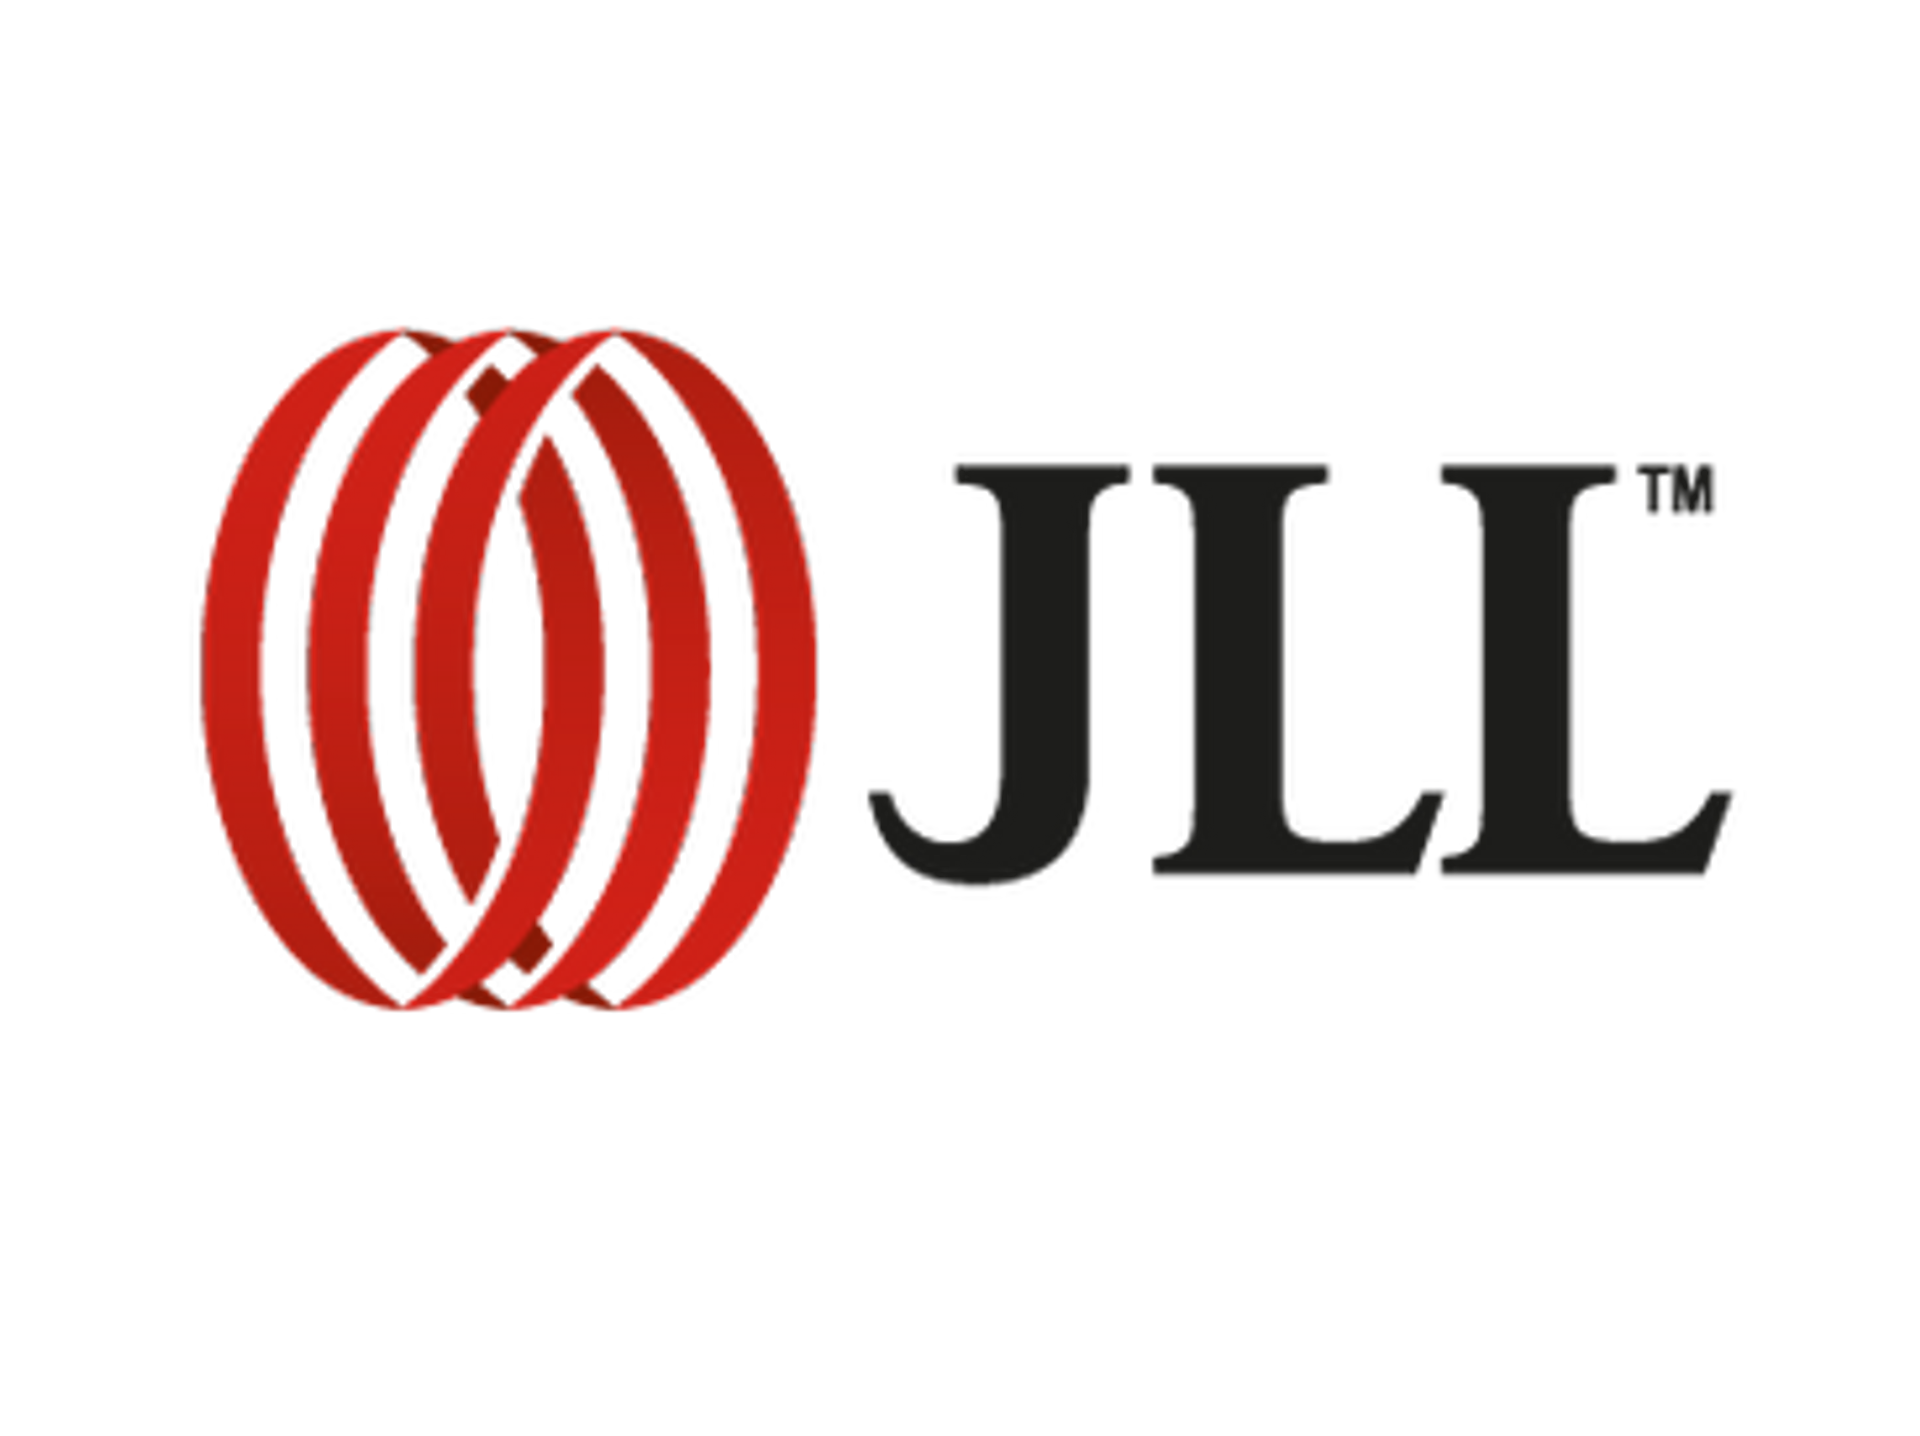 [Świat] JLL: Do 2020 roczna wartość inwestycji w nieruchomości na świecie przekroczy bilion dolarów